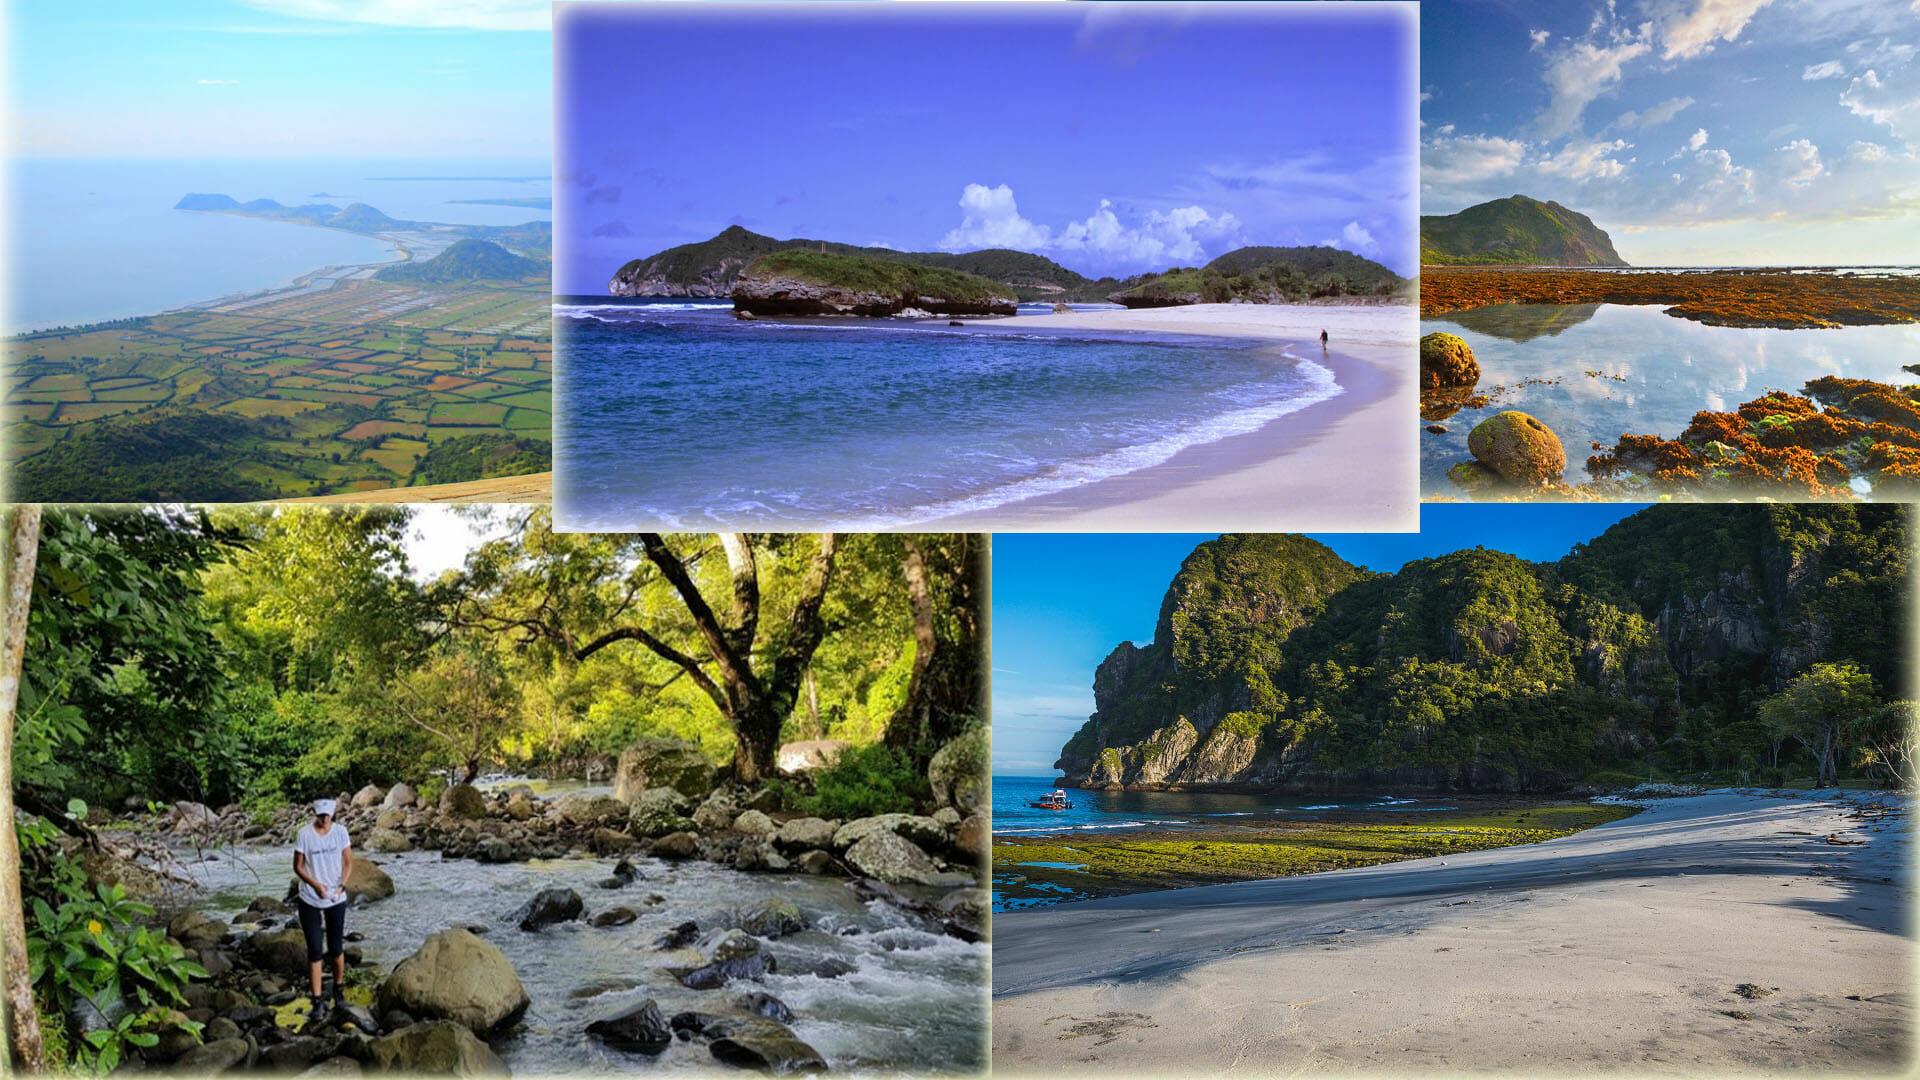 Rekomendasi tempat liburan keren di Sumbawa Nusa Tenggara Barat